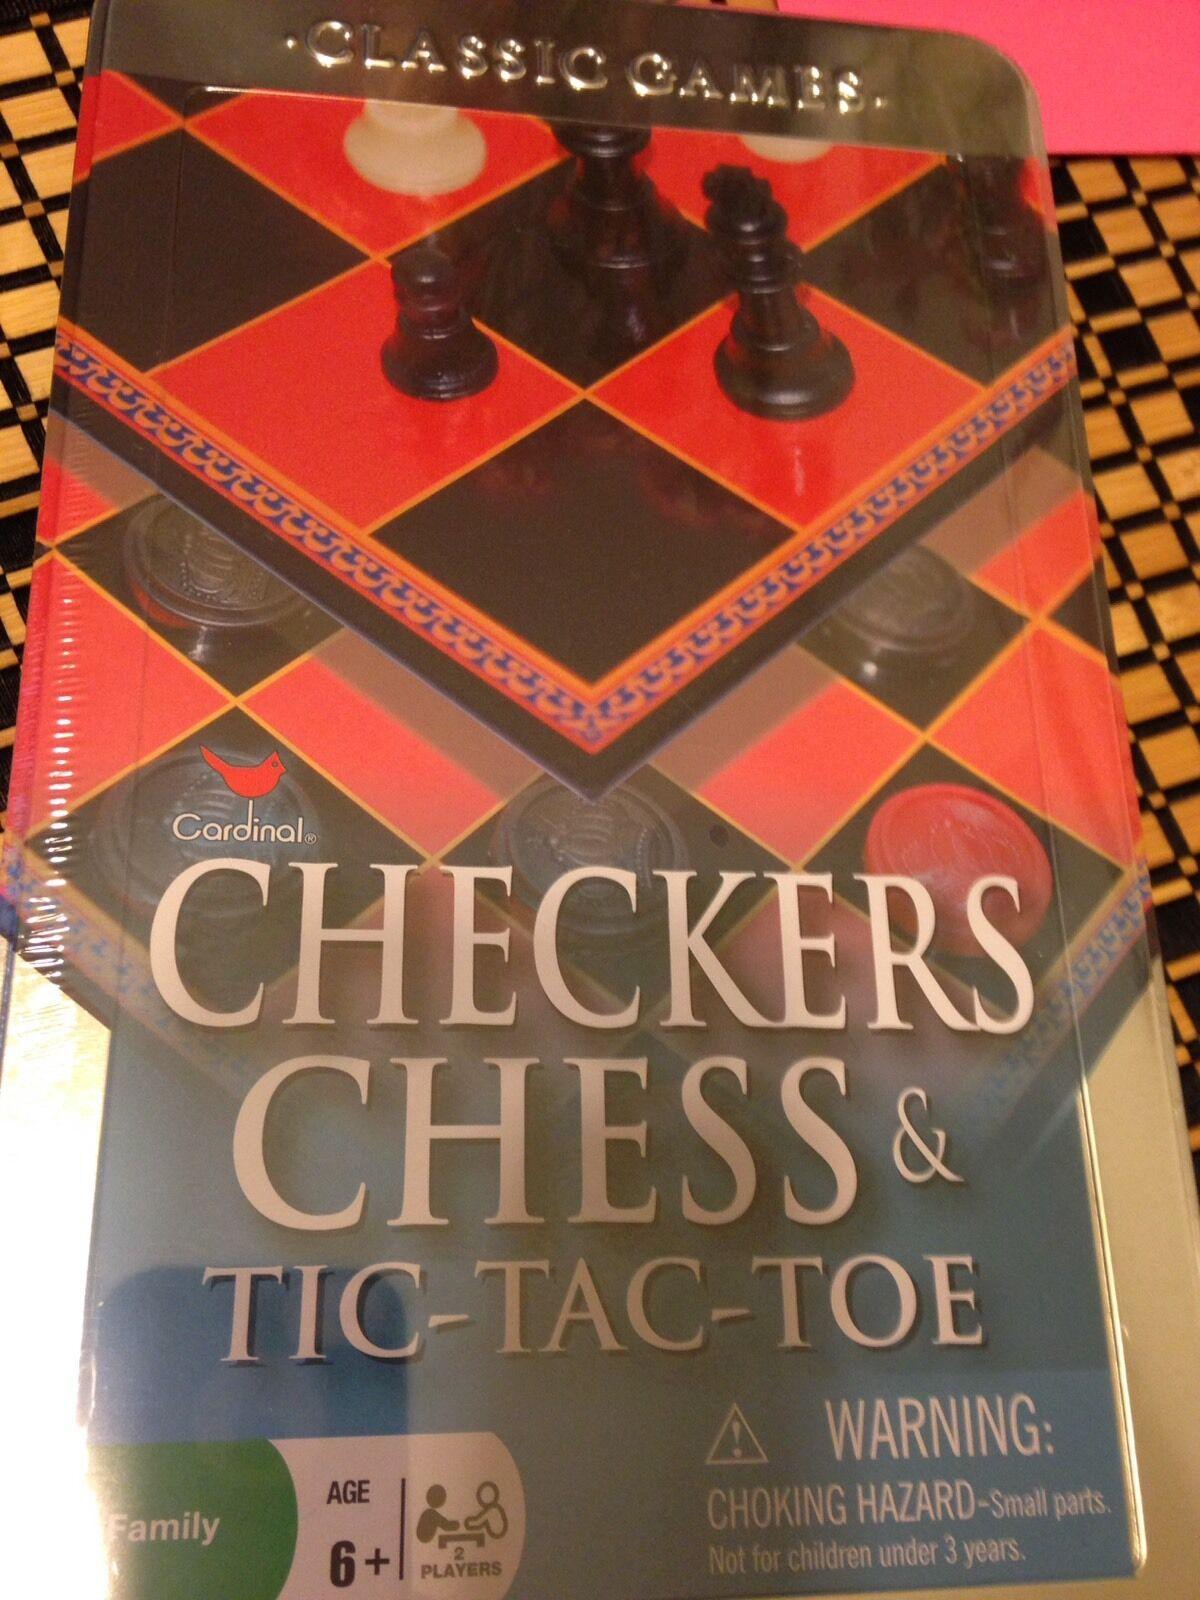 Cardinal  Checkers Chess /& Tic-Tac-Toe Tin Box Game Cardinal Industries CRD 58325